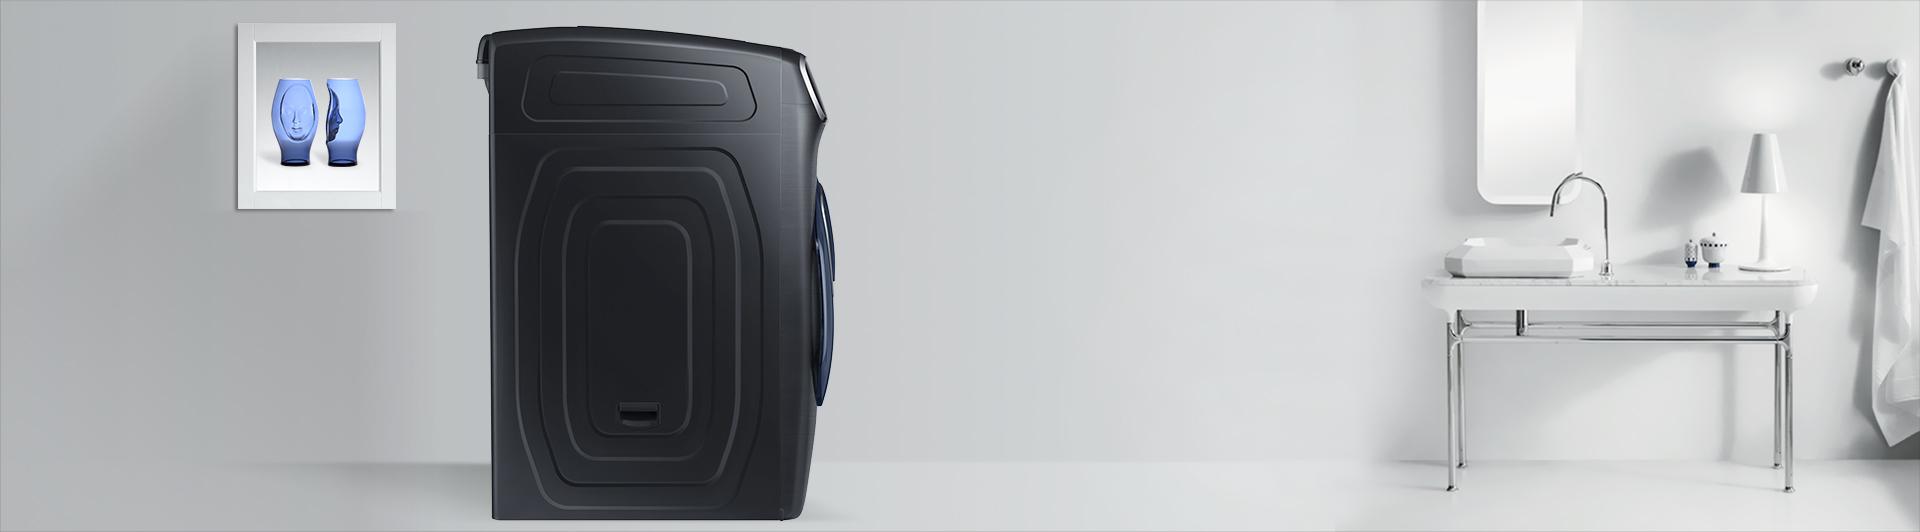 Máy giặt Samsung 21KG WR24M9960KV/SV công Nghệ Wooble 3D,Addwash